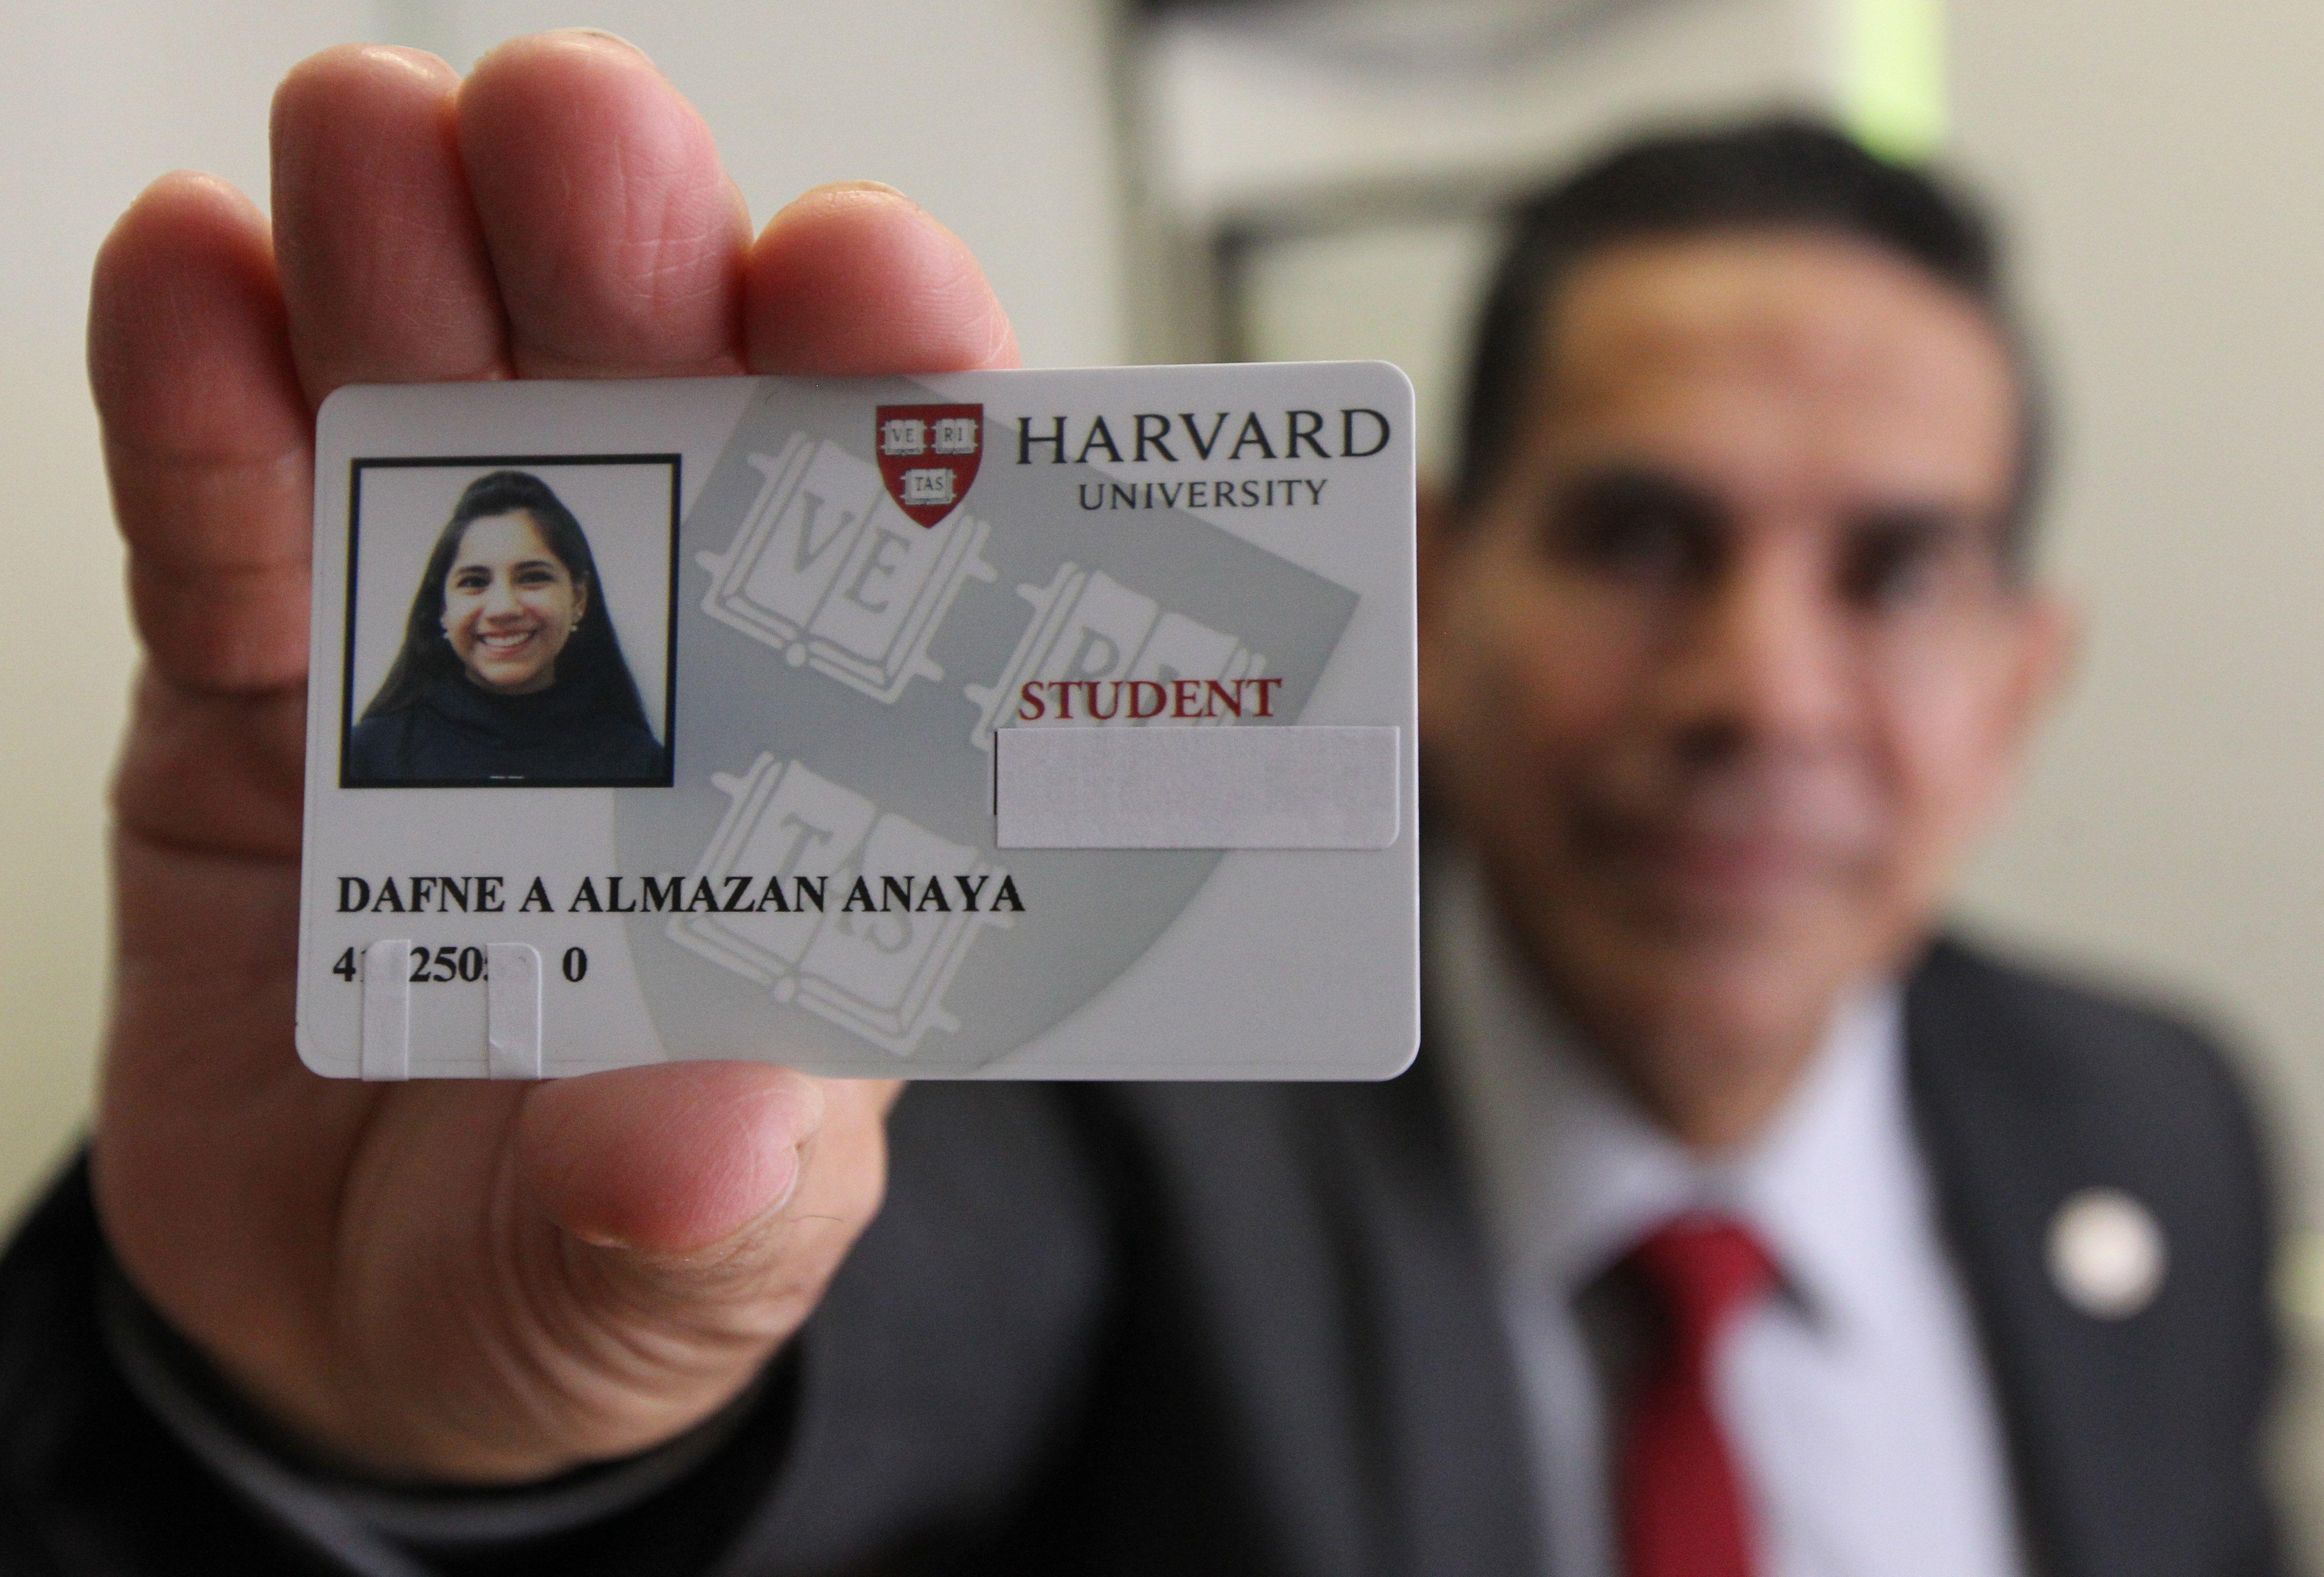 El doctor Asdrúbal Almazán, director del (Cedat) y padre de Dafne, muestra el carnet de alumna de Harvard de su hija. / Foto: EFE